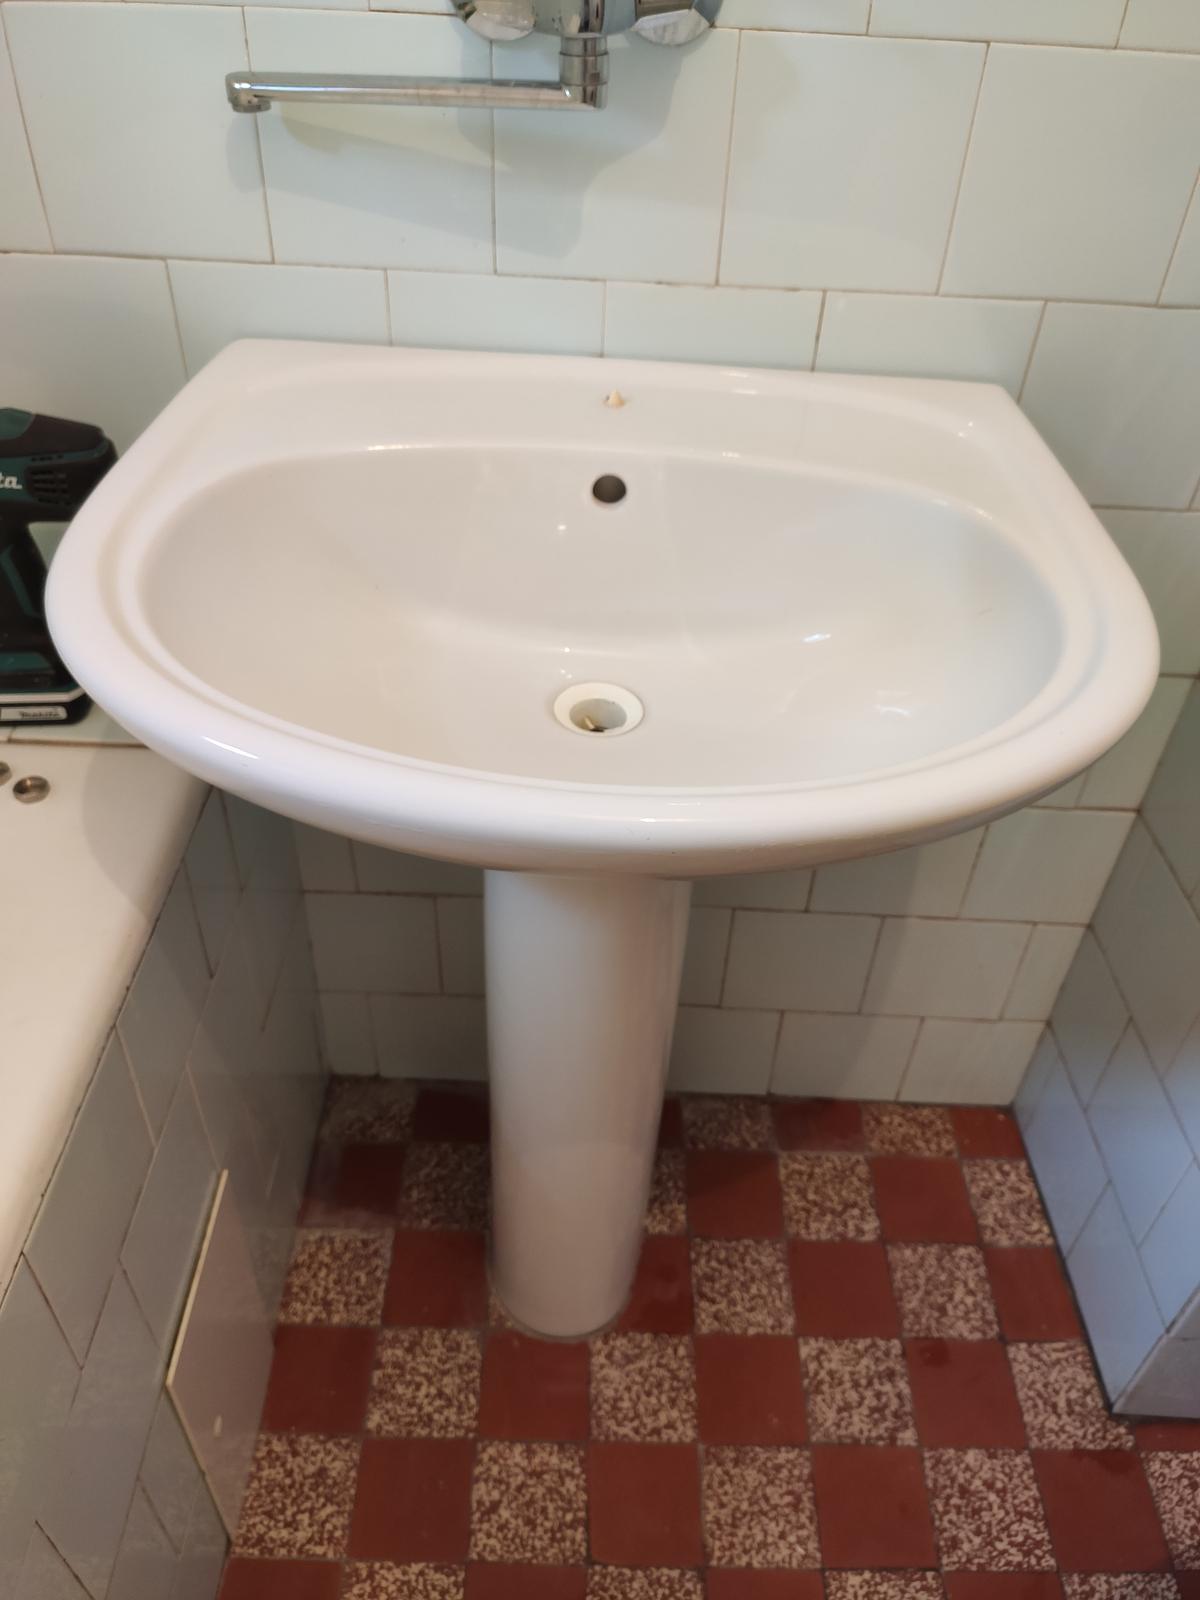 Umývadlo s nohou - Obrázok č. 1